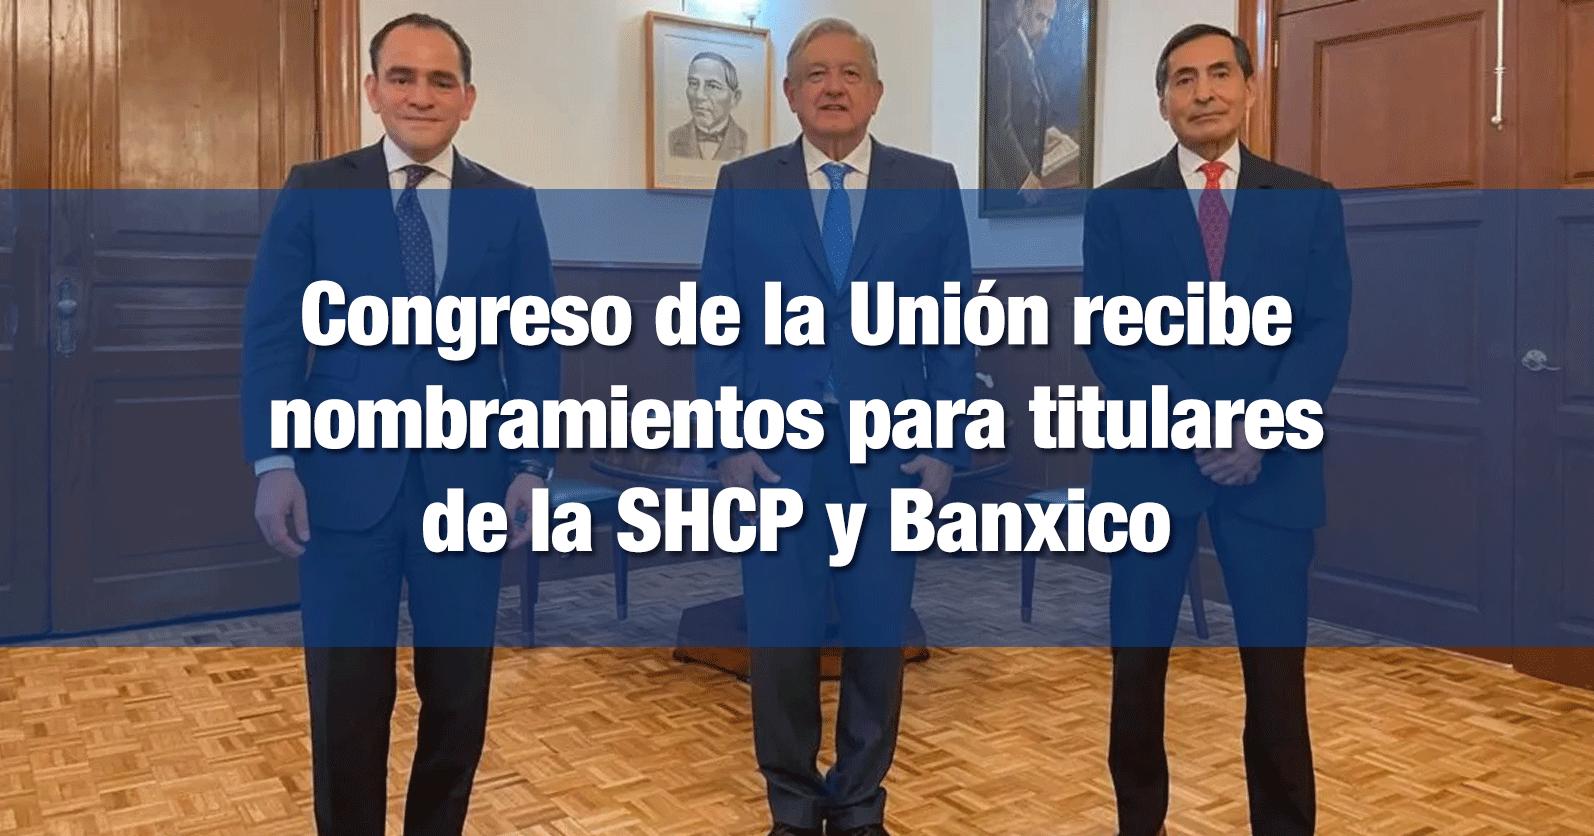 Congreso de la Unión recibe nombramientos para titulares de la SHCP y Banxico